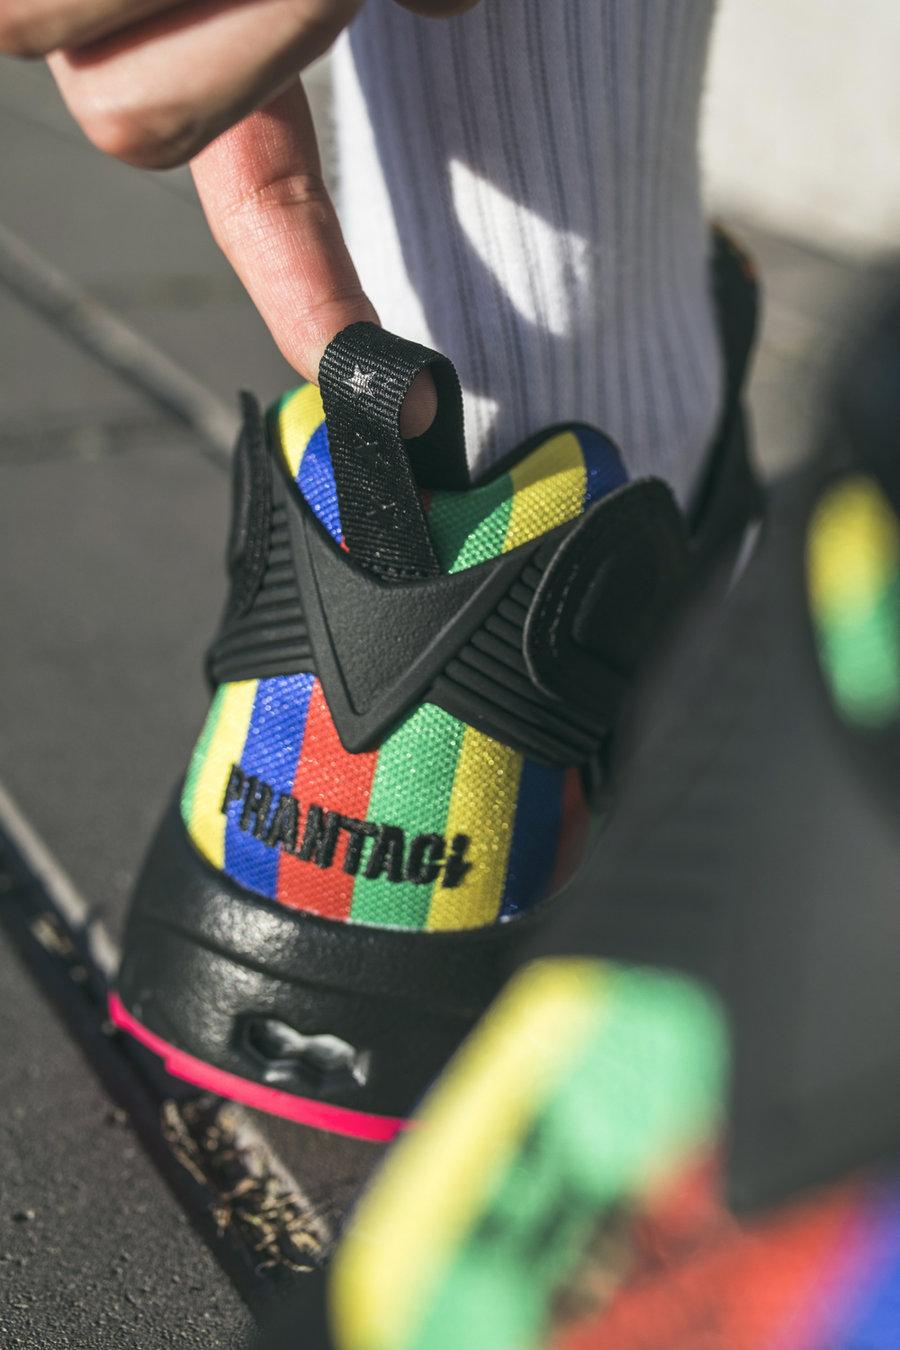 世界,第二,快,上,脚,周董送,我,一双,亲友,  世界第二快上脚!周董送我一双亲友限定新鞋!还透露了一个内幕…